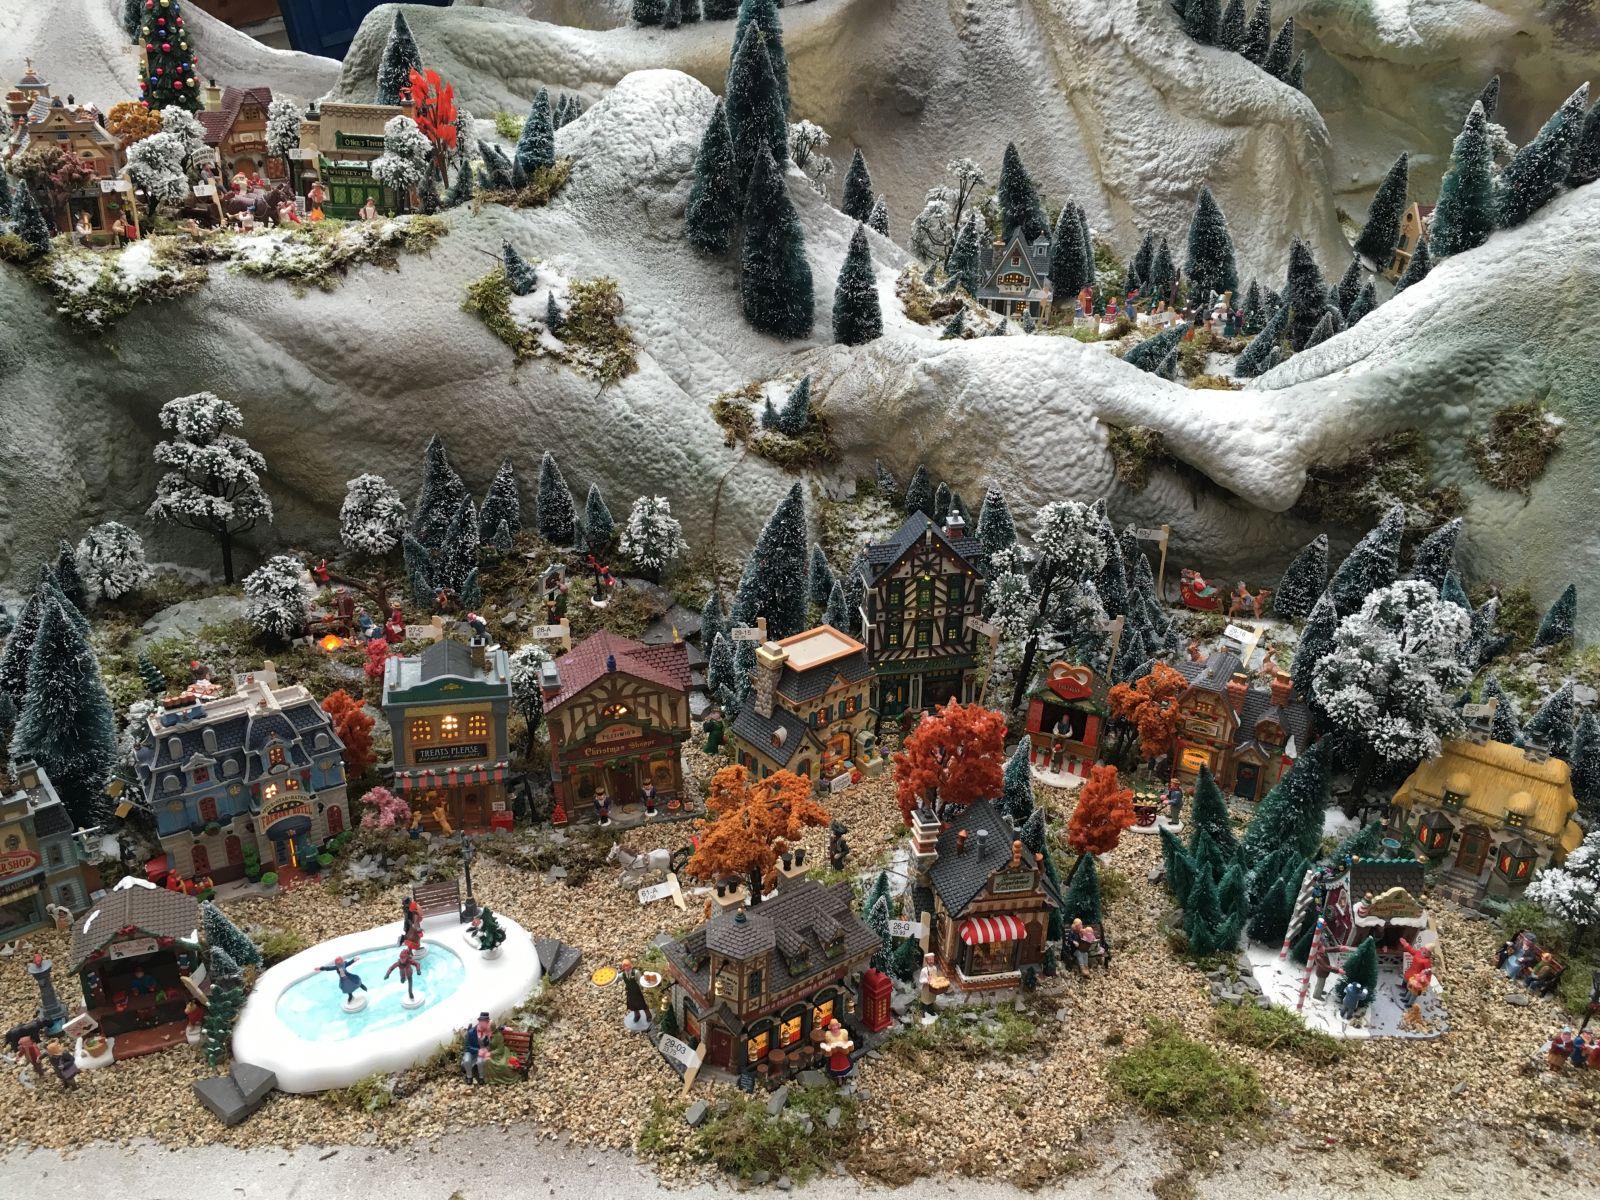 Caddington Village uitgestald bij grootste Kerstdorp van Nederland